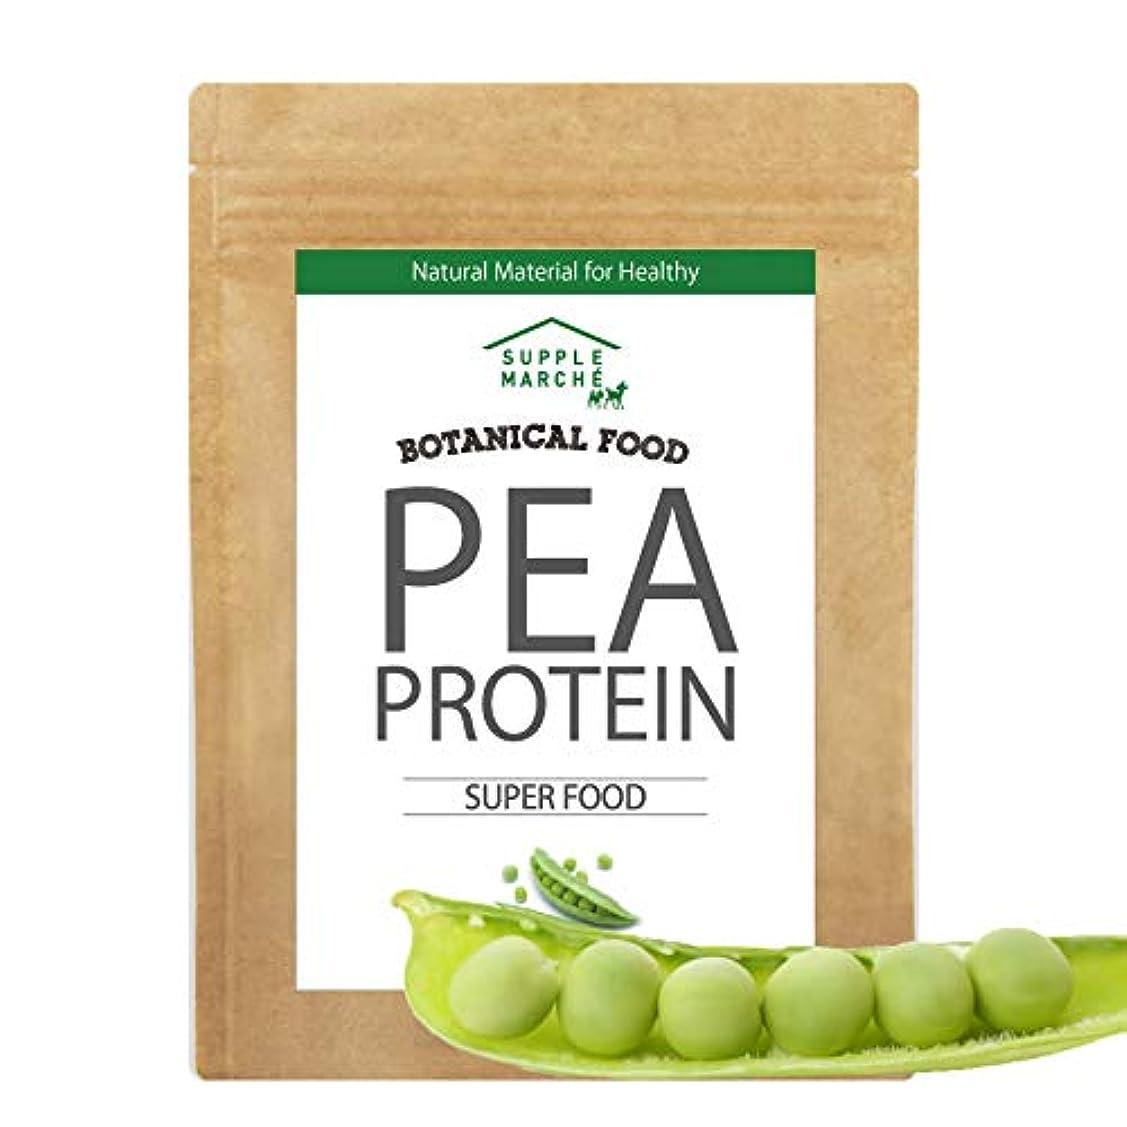 不潔代表して真似るビーガン仕様 ボタニカル ピープロテイン 500g 無添加 えんどう豆プロテイン ビーガン ダイエット 美容 タンパク質